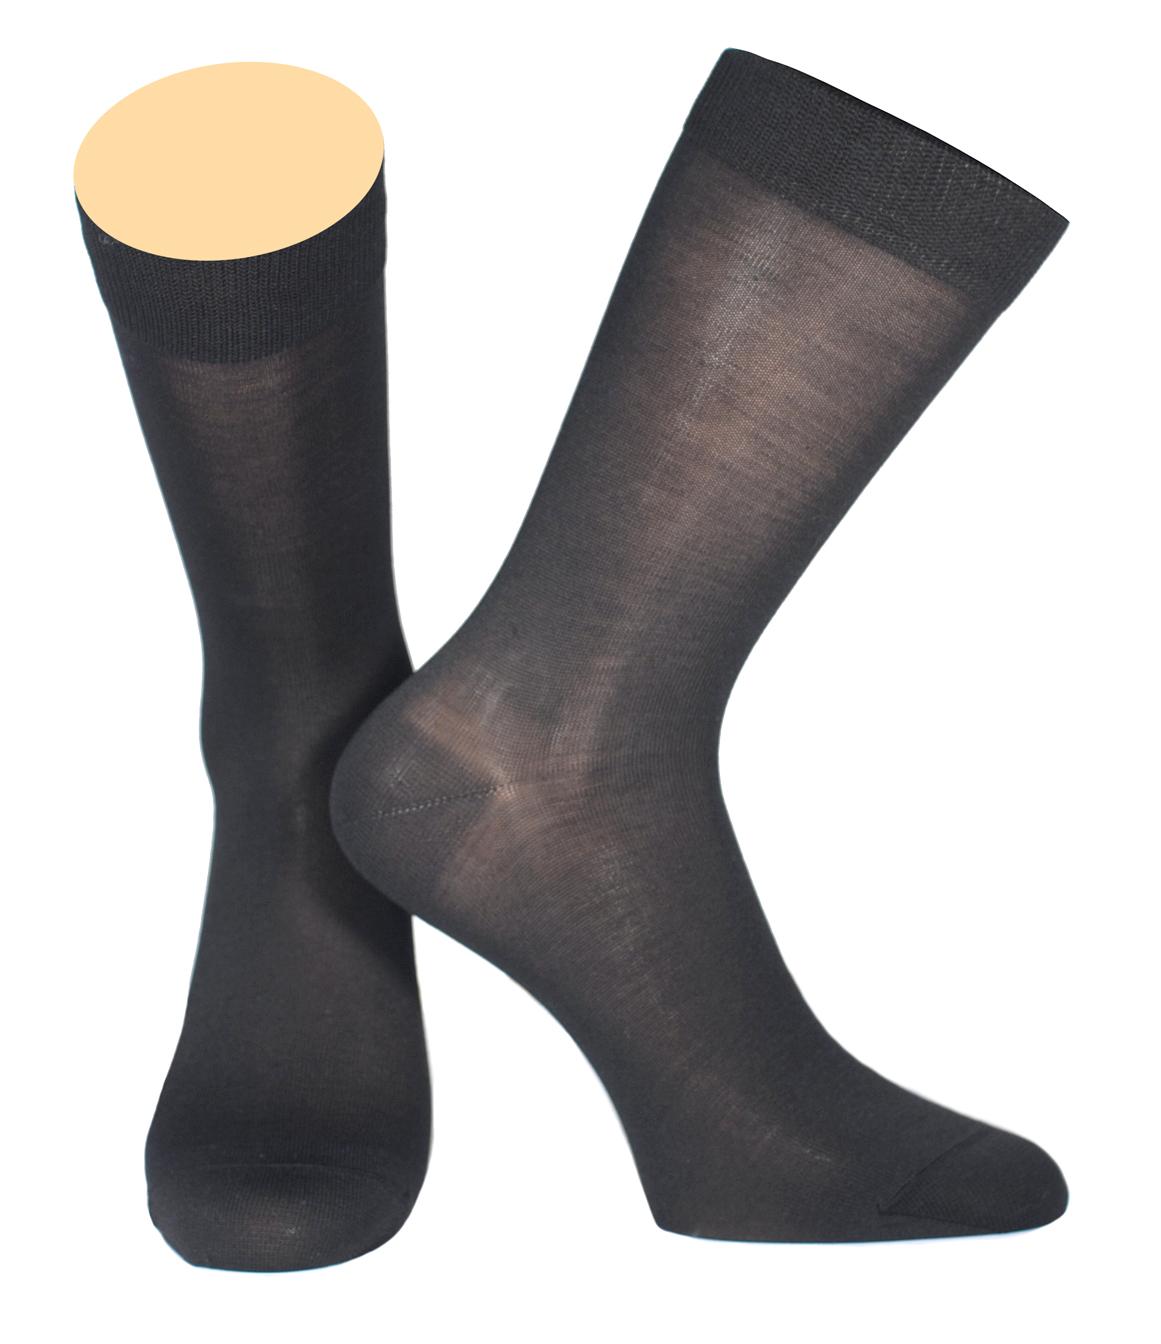 Носки мужские Collonil, цвет: темно-серый. 141/32. Размер 42-43141/32Мужские носки Collonil изготовлены из мерсеризованного хлопка.Носки с удлиненным паголенком. Широкая резинка не сдавливает и комфортно облегает ногу.